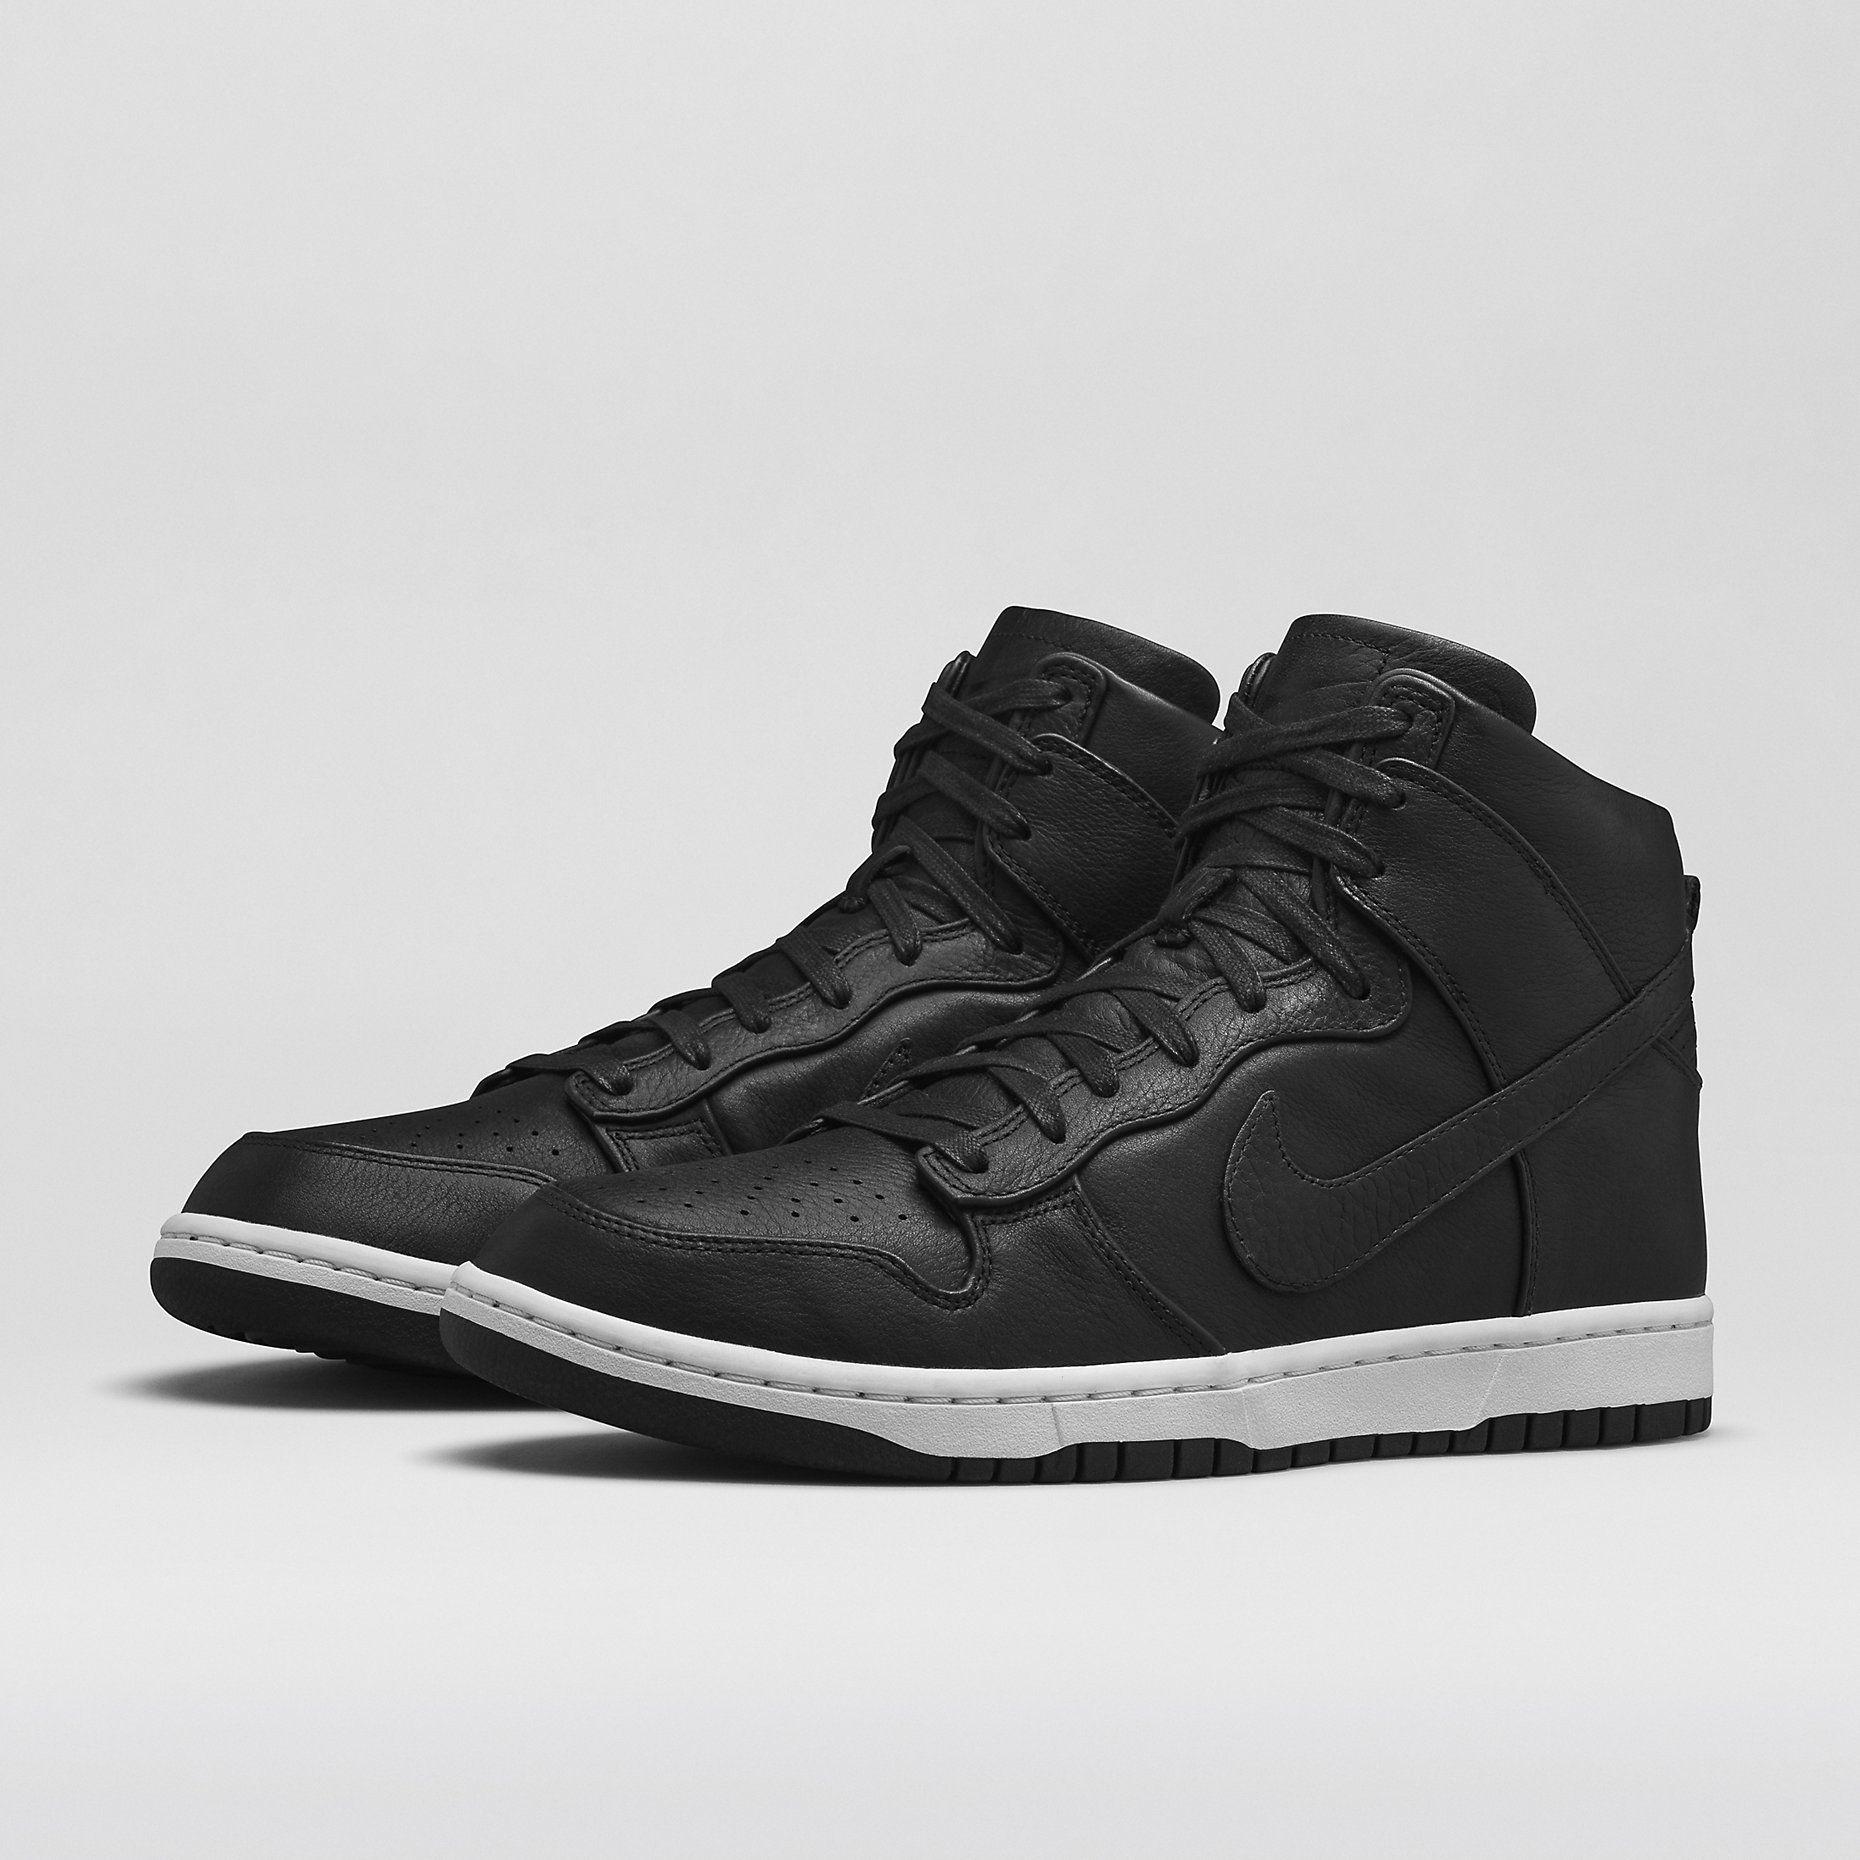 399c1c2f2ef8 NikeLab Dunk Lux High Men s Shoe. Nike Store